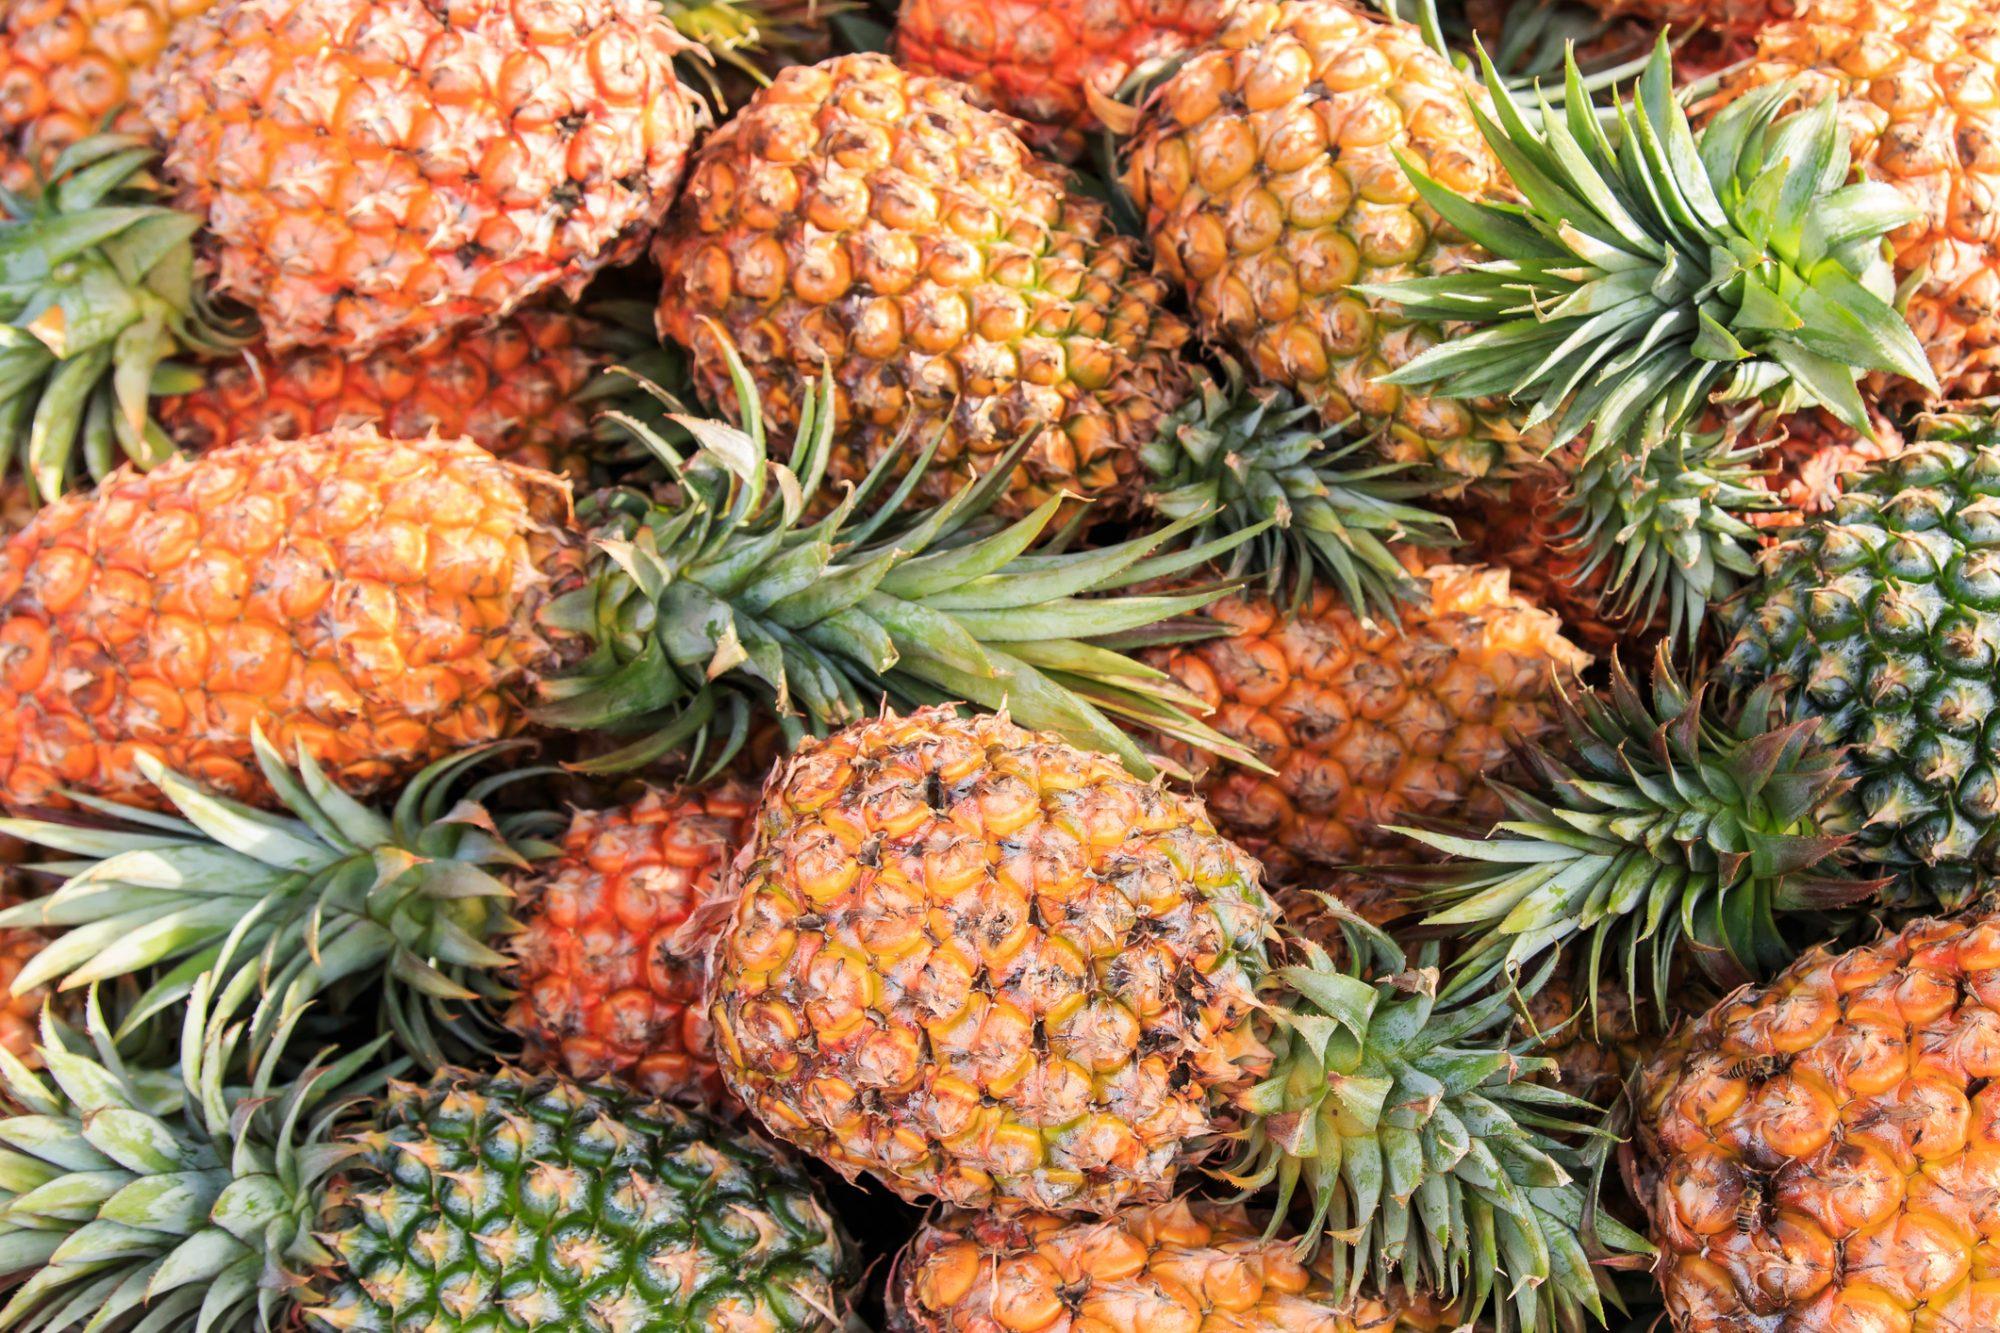 Full Frame Shot Of Pineapples For Sale At Market Stall